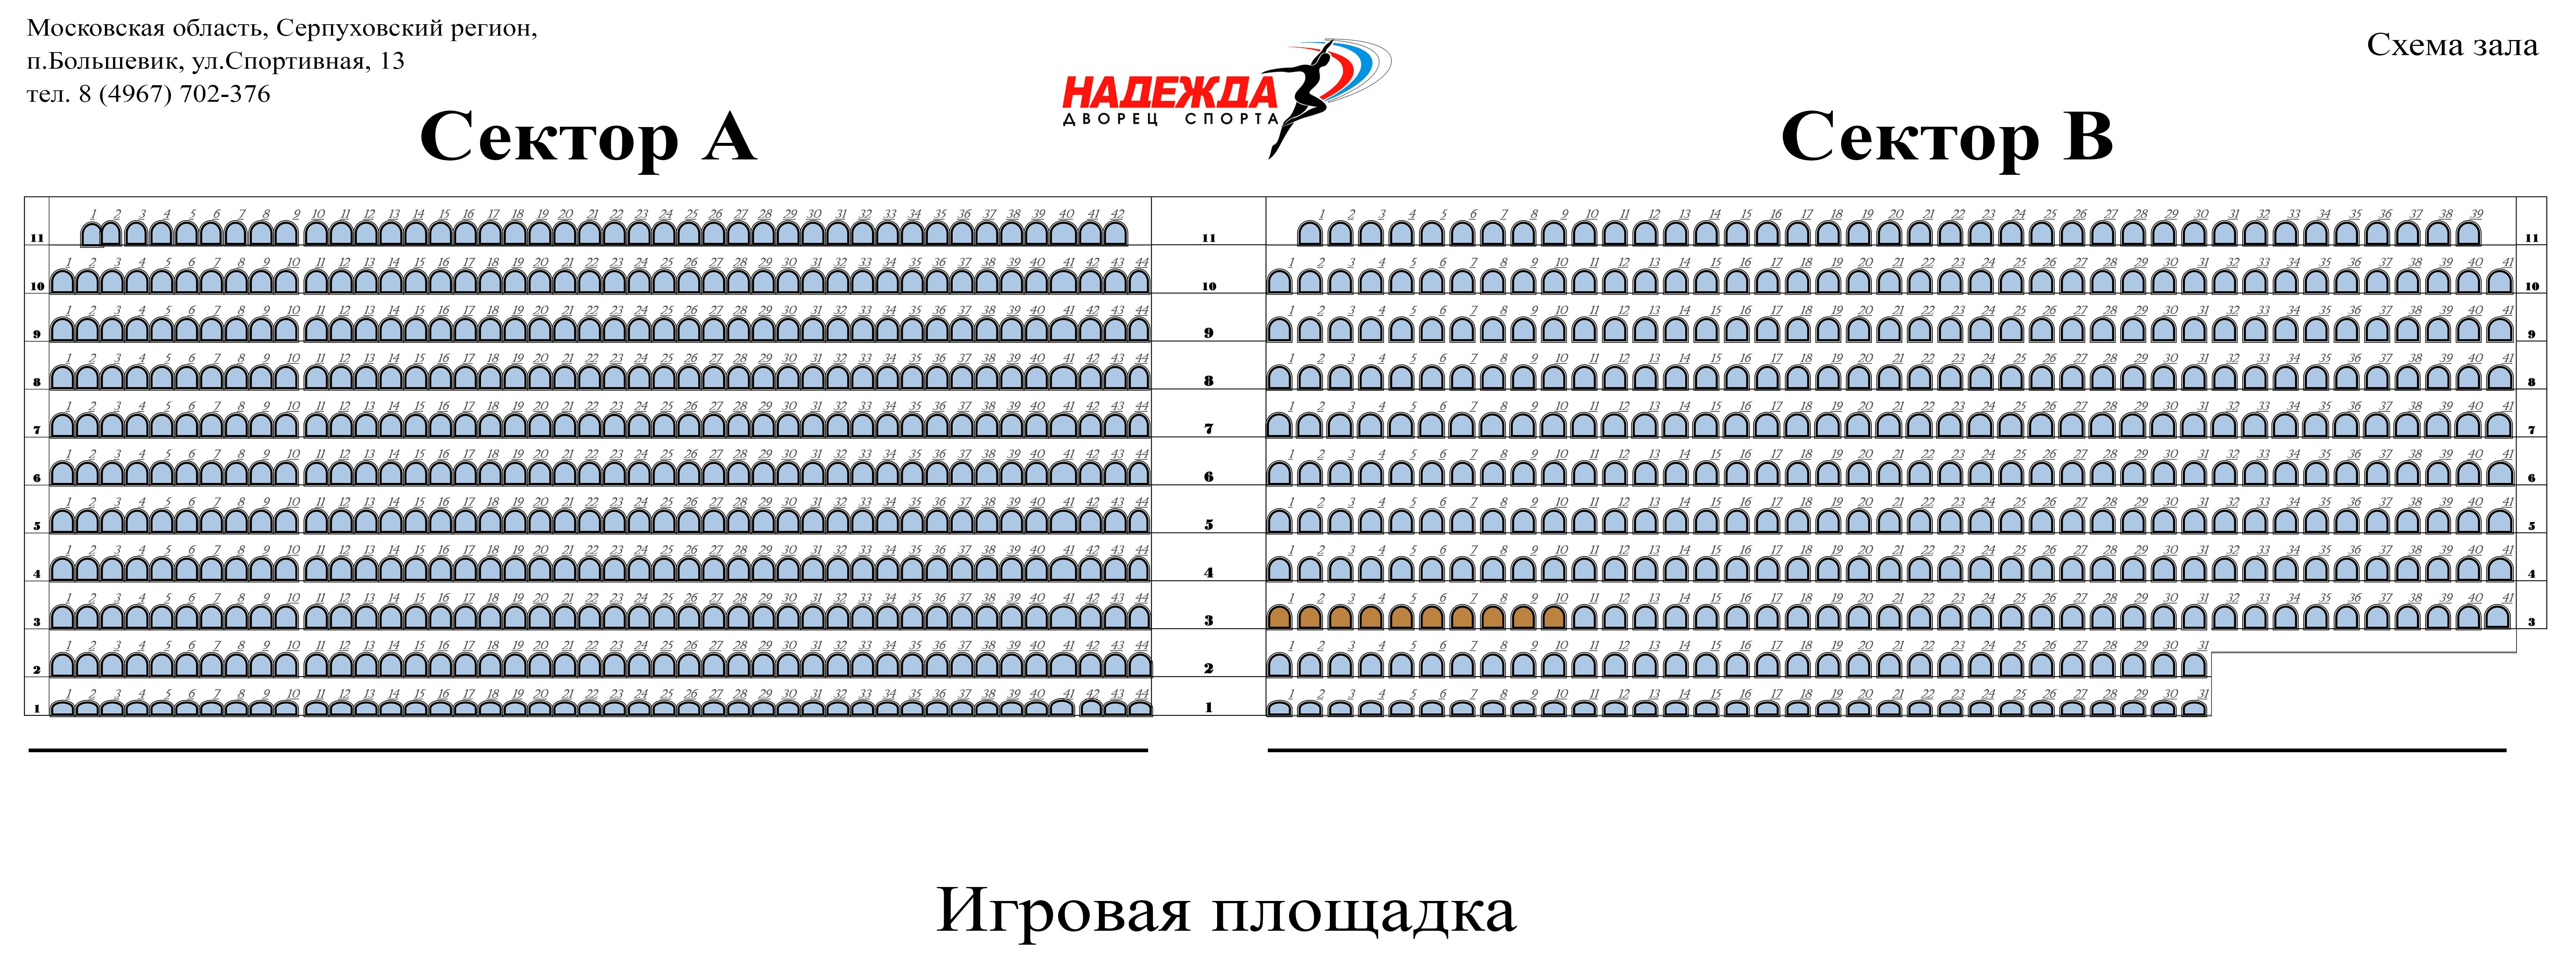 """Схема зала Спортивный комплекс """"Надежда"""" (Серпухов)"""